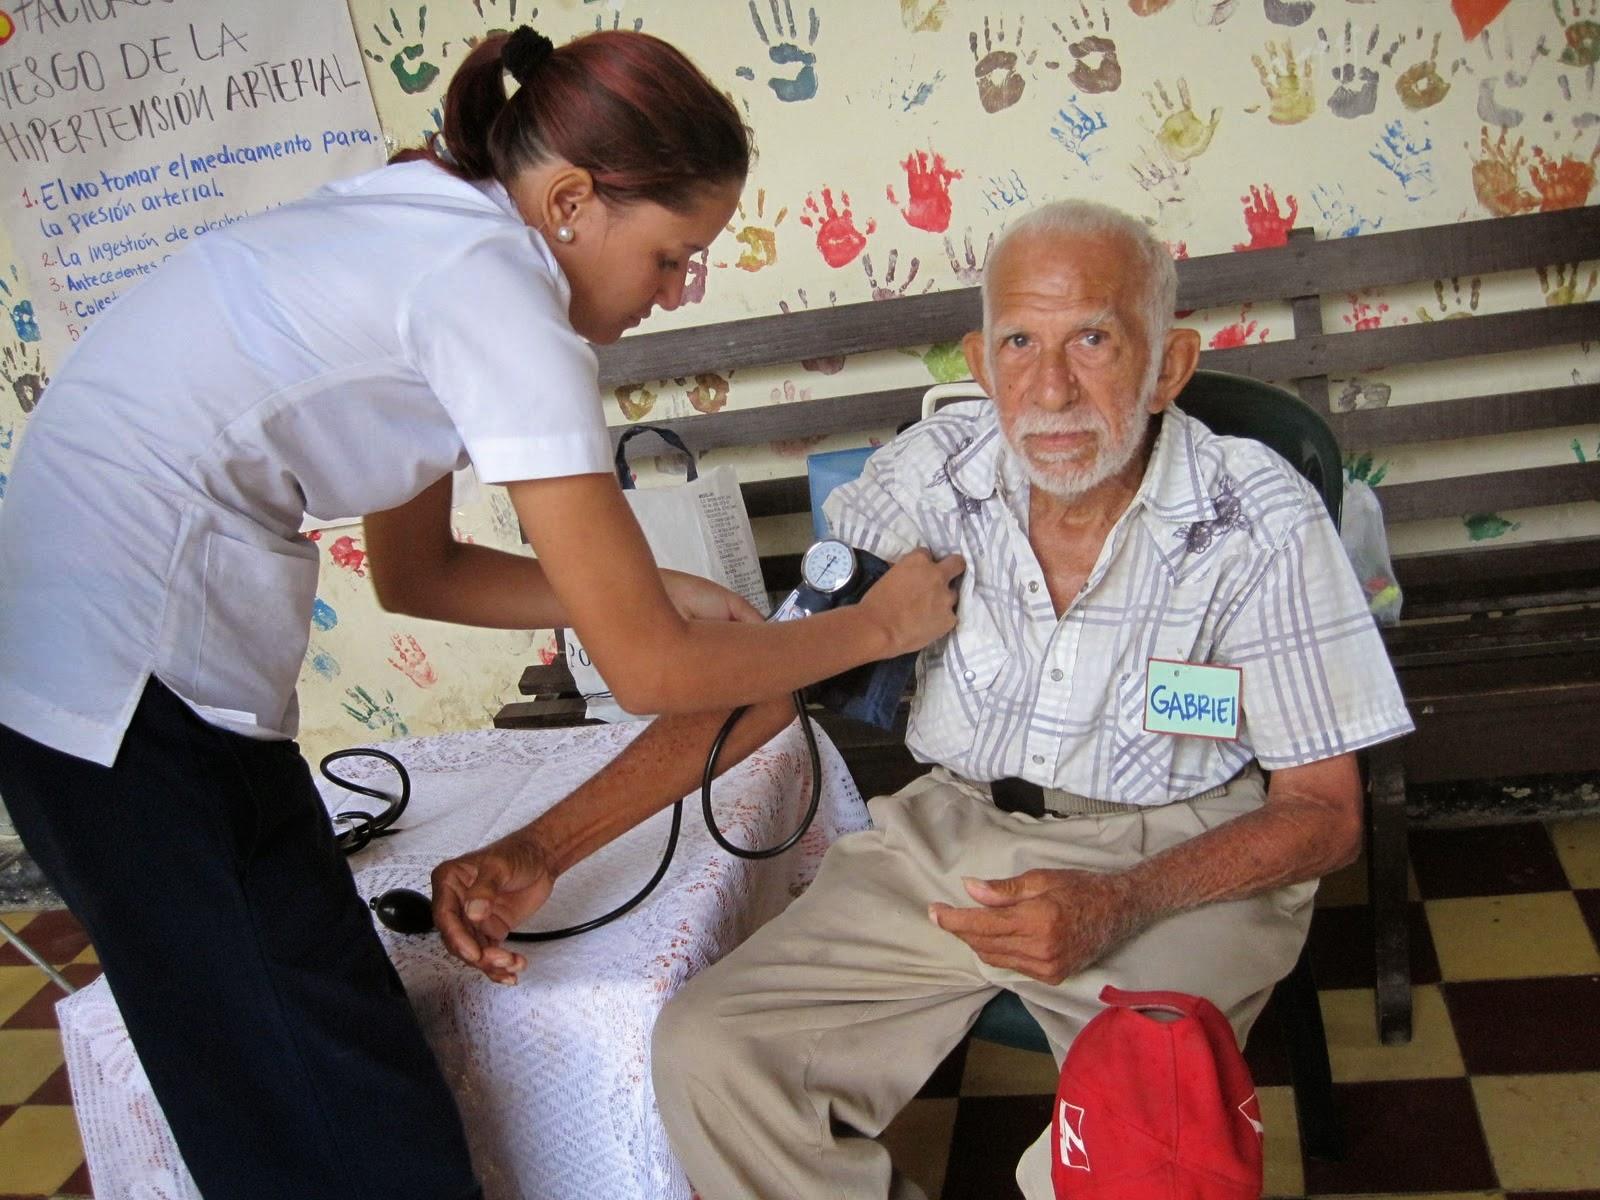 El aumento de los adultos mayores lleva a replantear bienestar y seguridad social